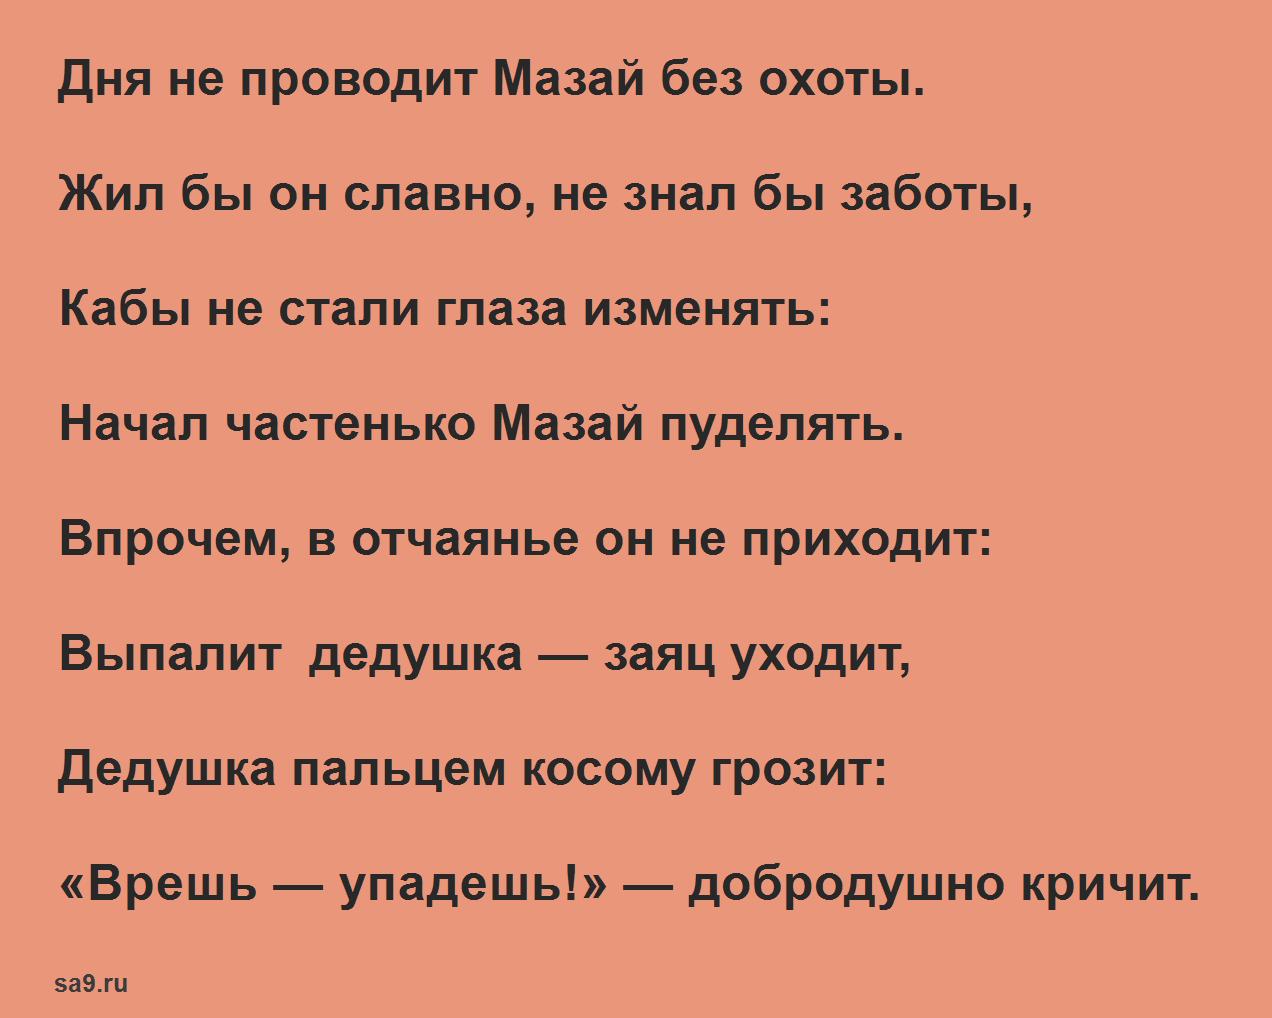 Сказка Некрасова для детей 'Дед Мазай и зайцы', текст полностью